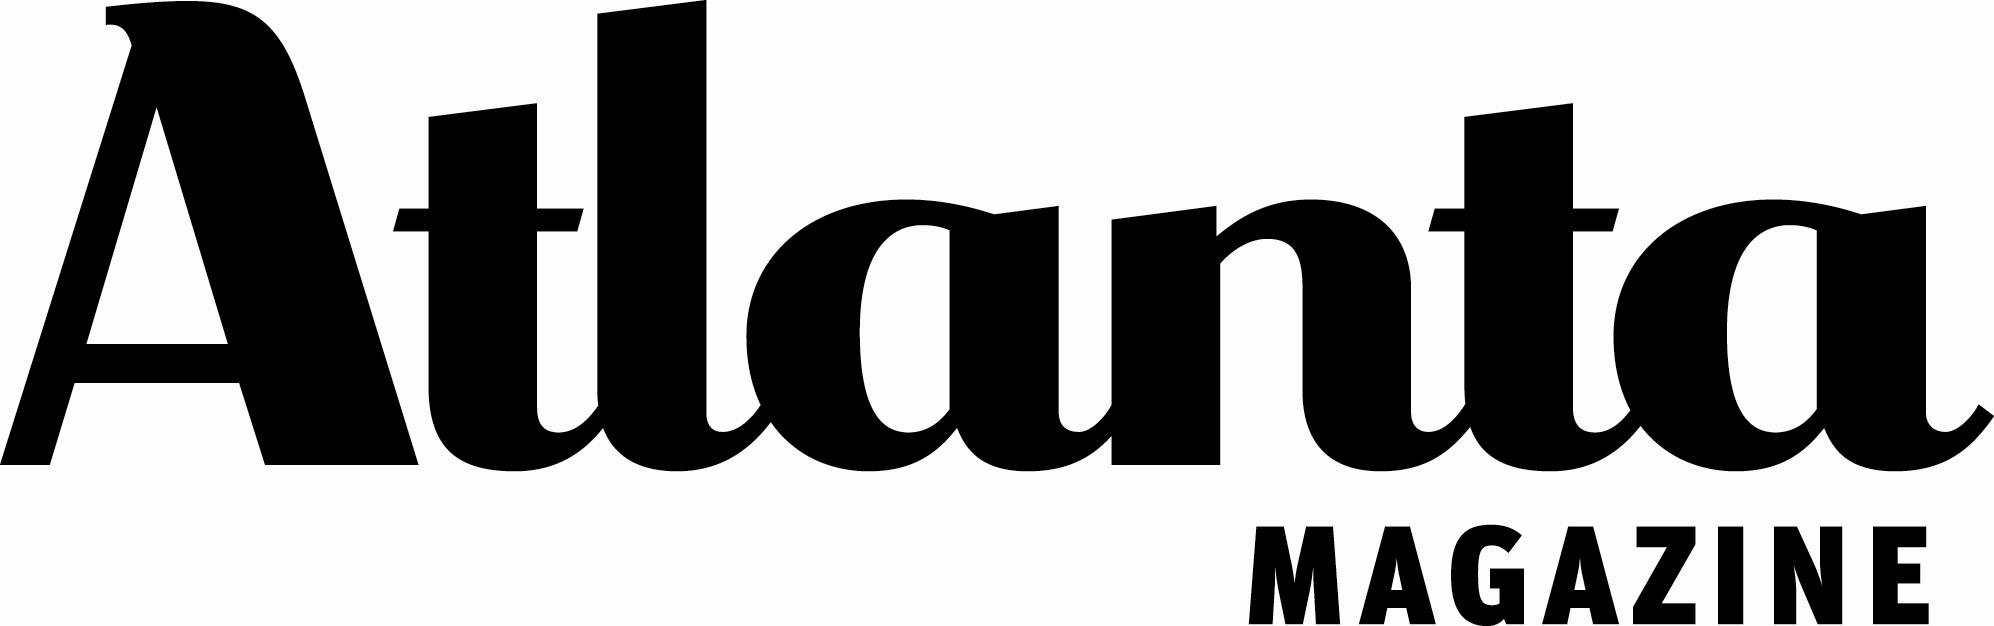 atlanta magazine logo.jpg